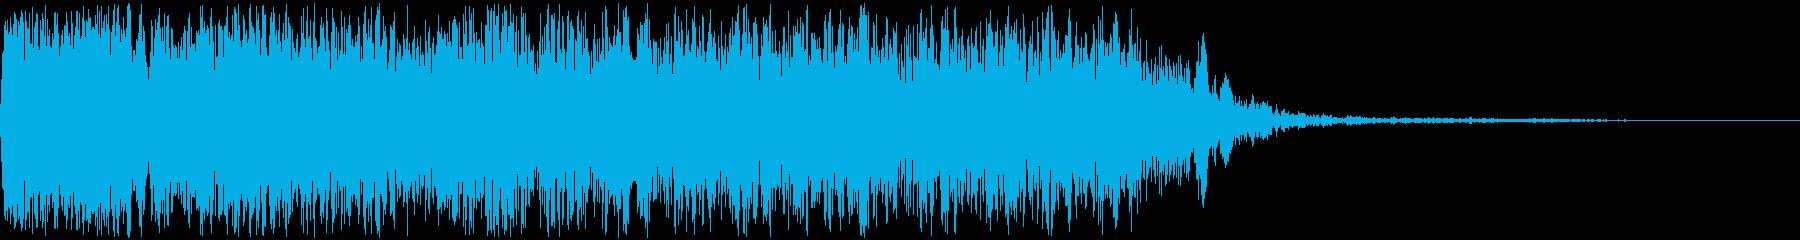 パワーダウン、チャージ減音 ピロロロロ⤵の再生済みの波形